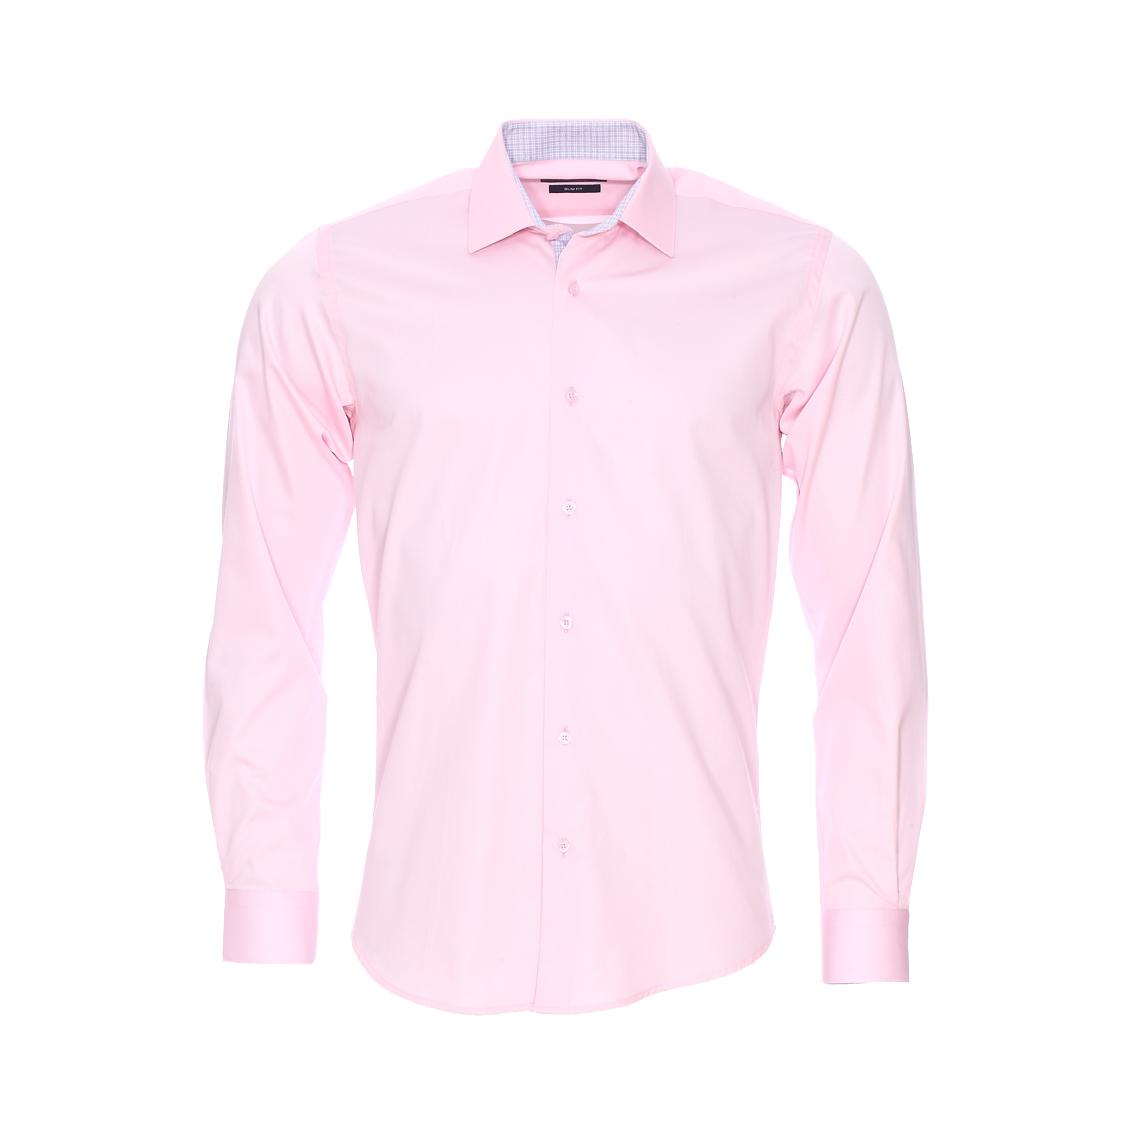 Chemise cintrée  en coton rose pâle, opposition à carreaux gris et blancs